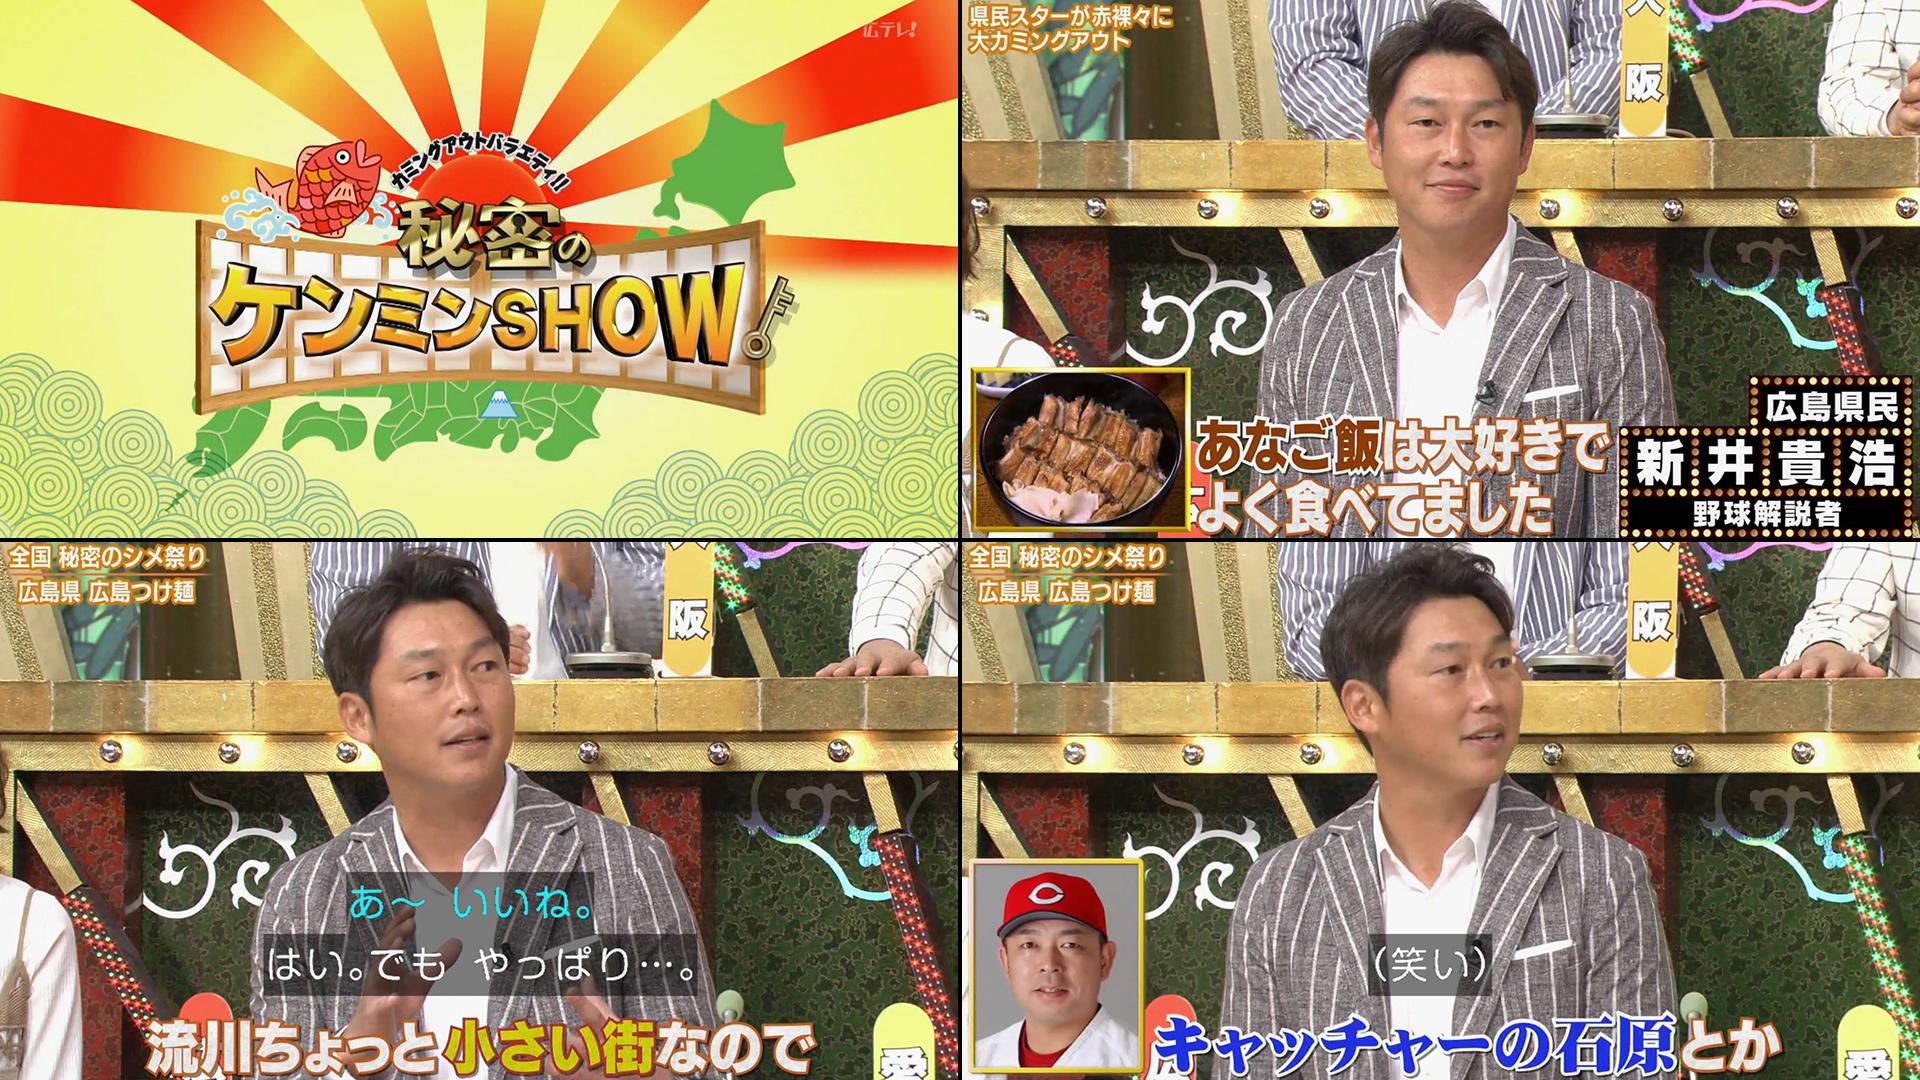 ケンミン show の 秘密